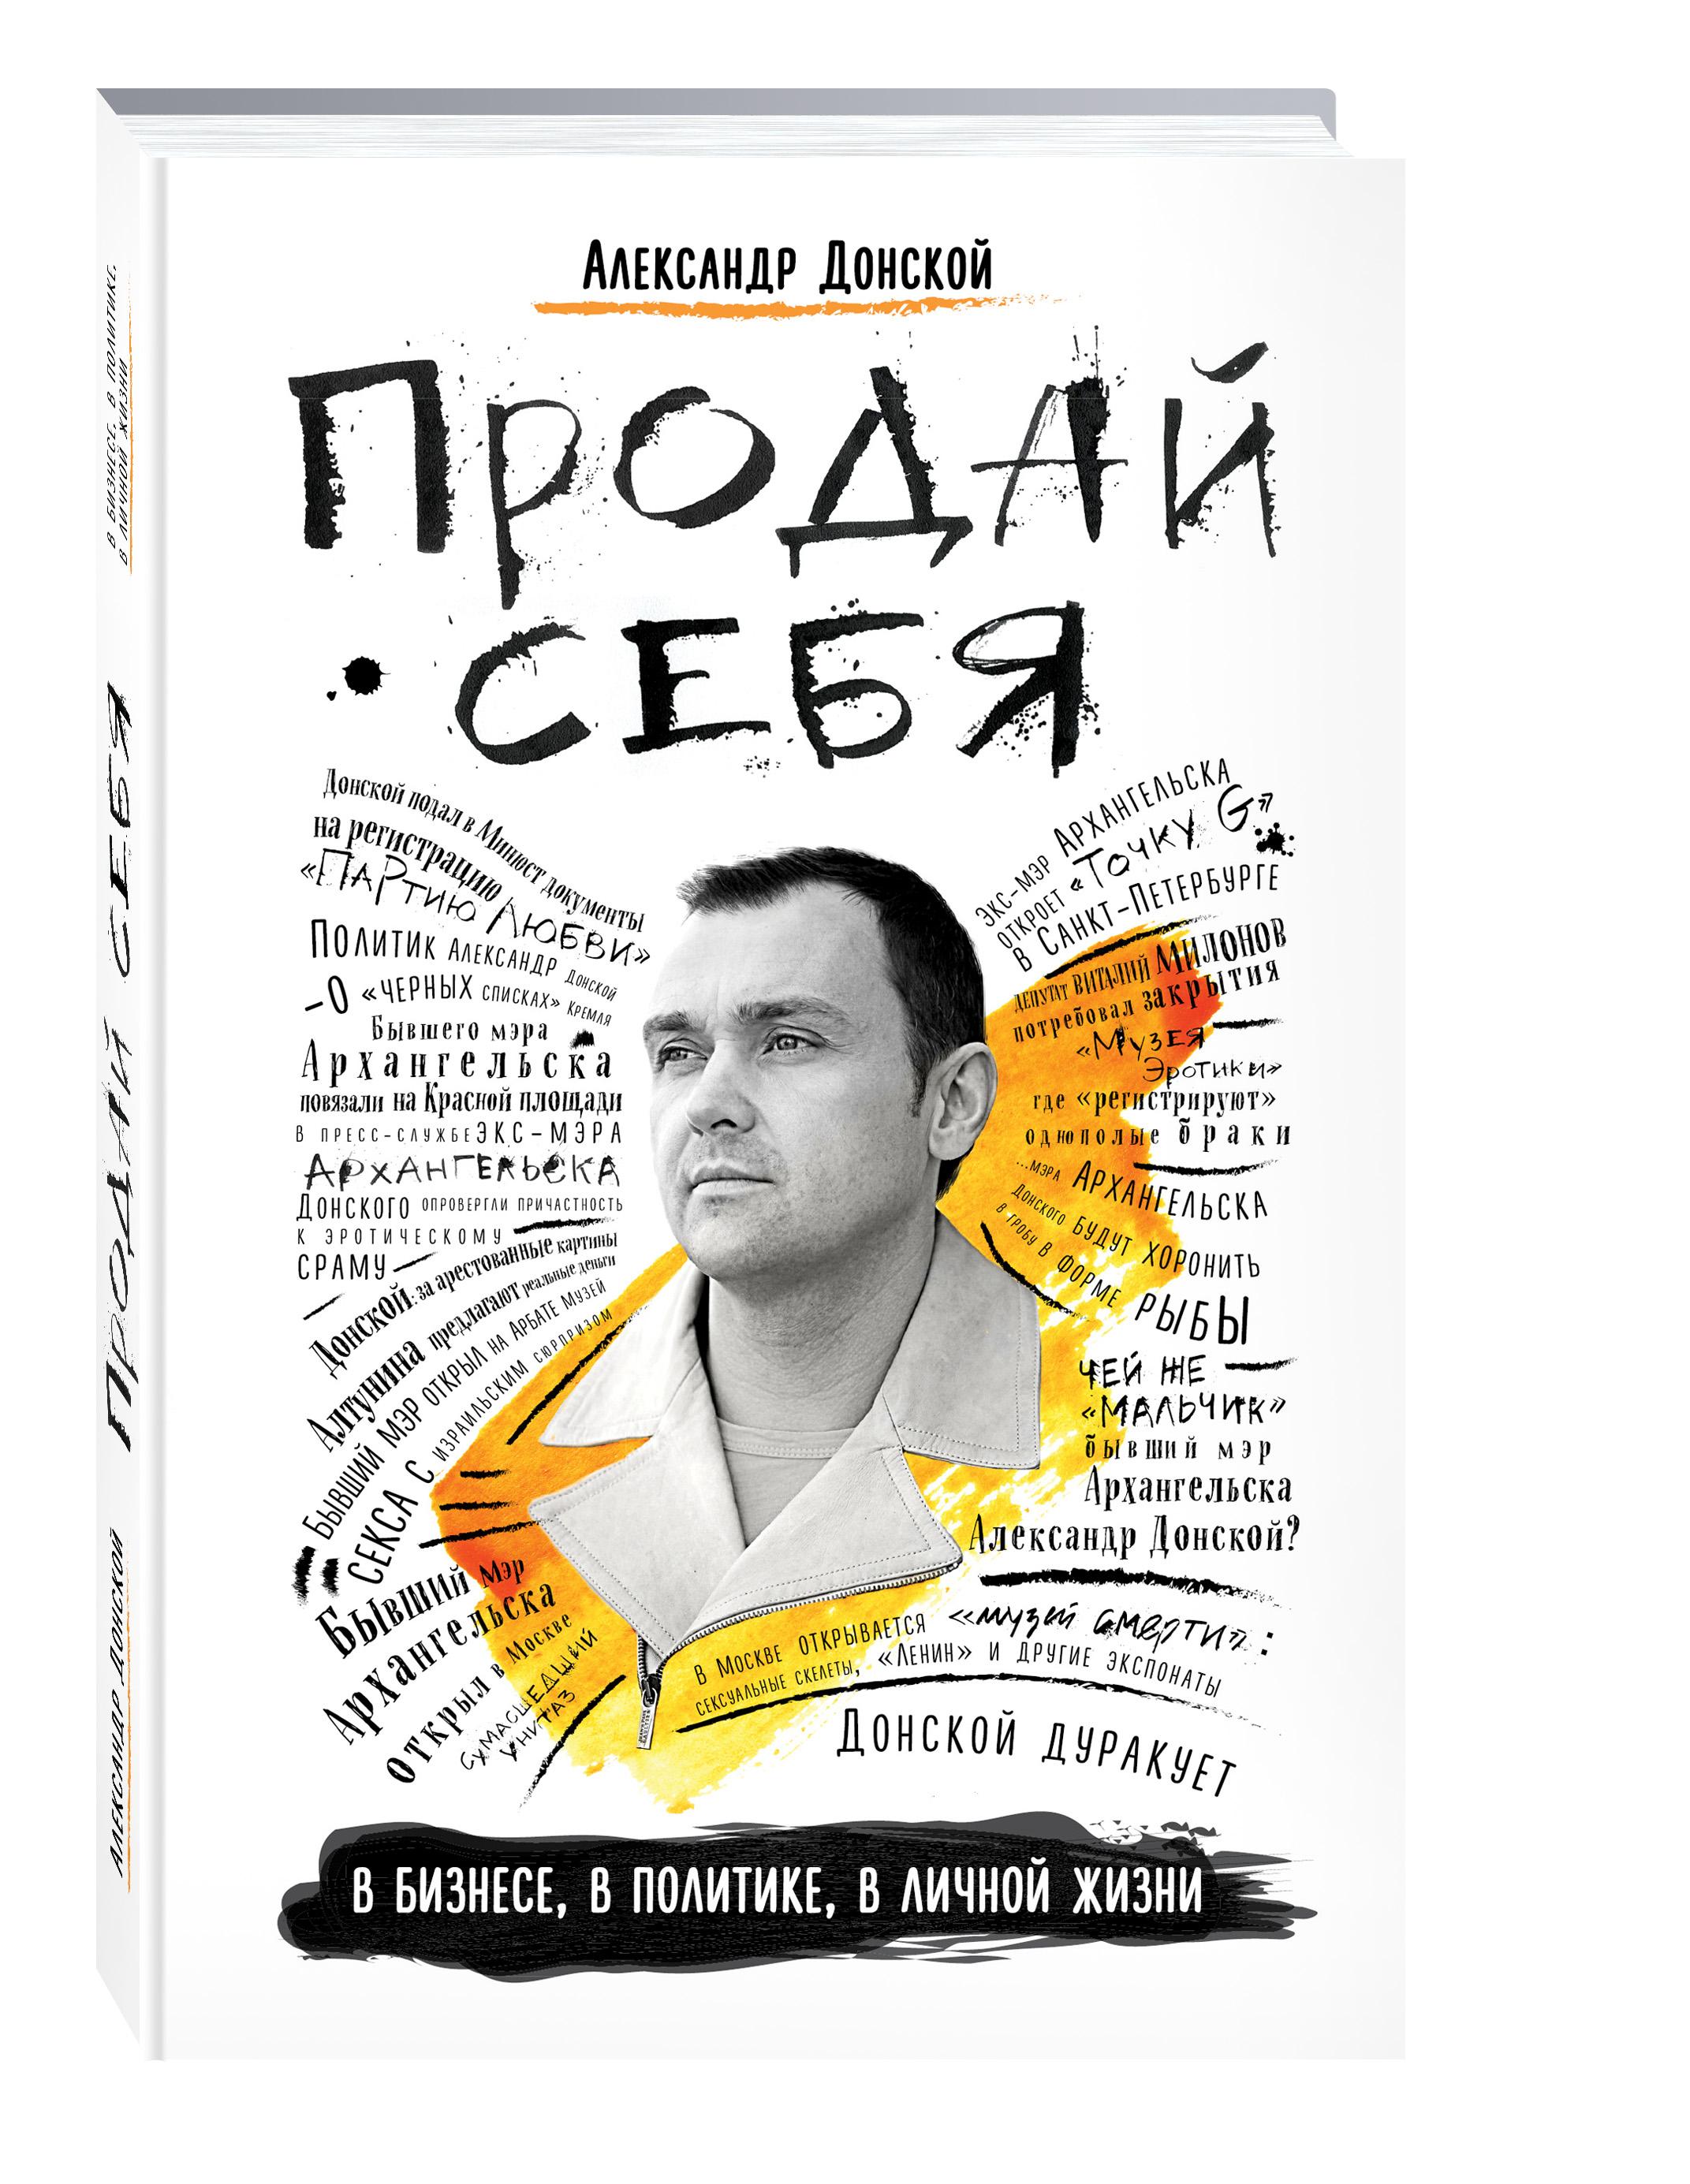 Продай себя: в бизнесе, в политике, в личной жизни от book24.ru